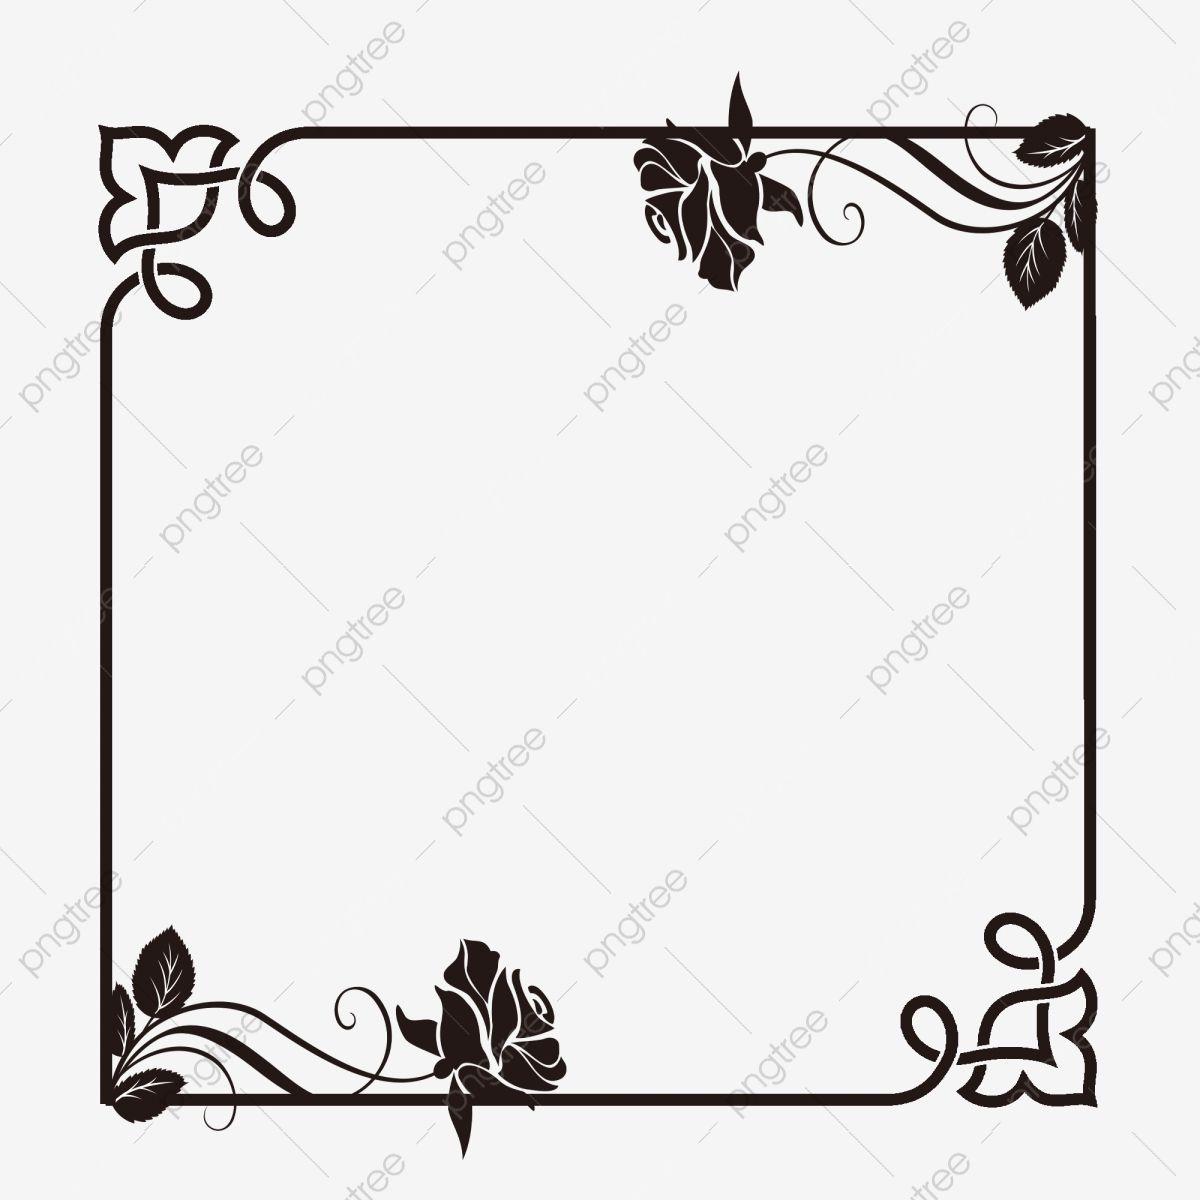 Black Rose Border Rose Clipart Black Rose Frame Png Transparent Clipart Image And Psd File For Free Download Rose Clipart Black Rose Clip Art